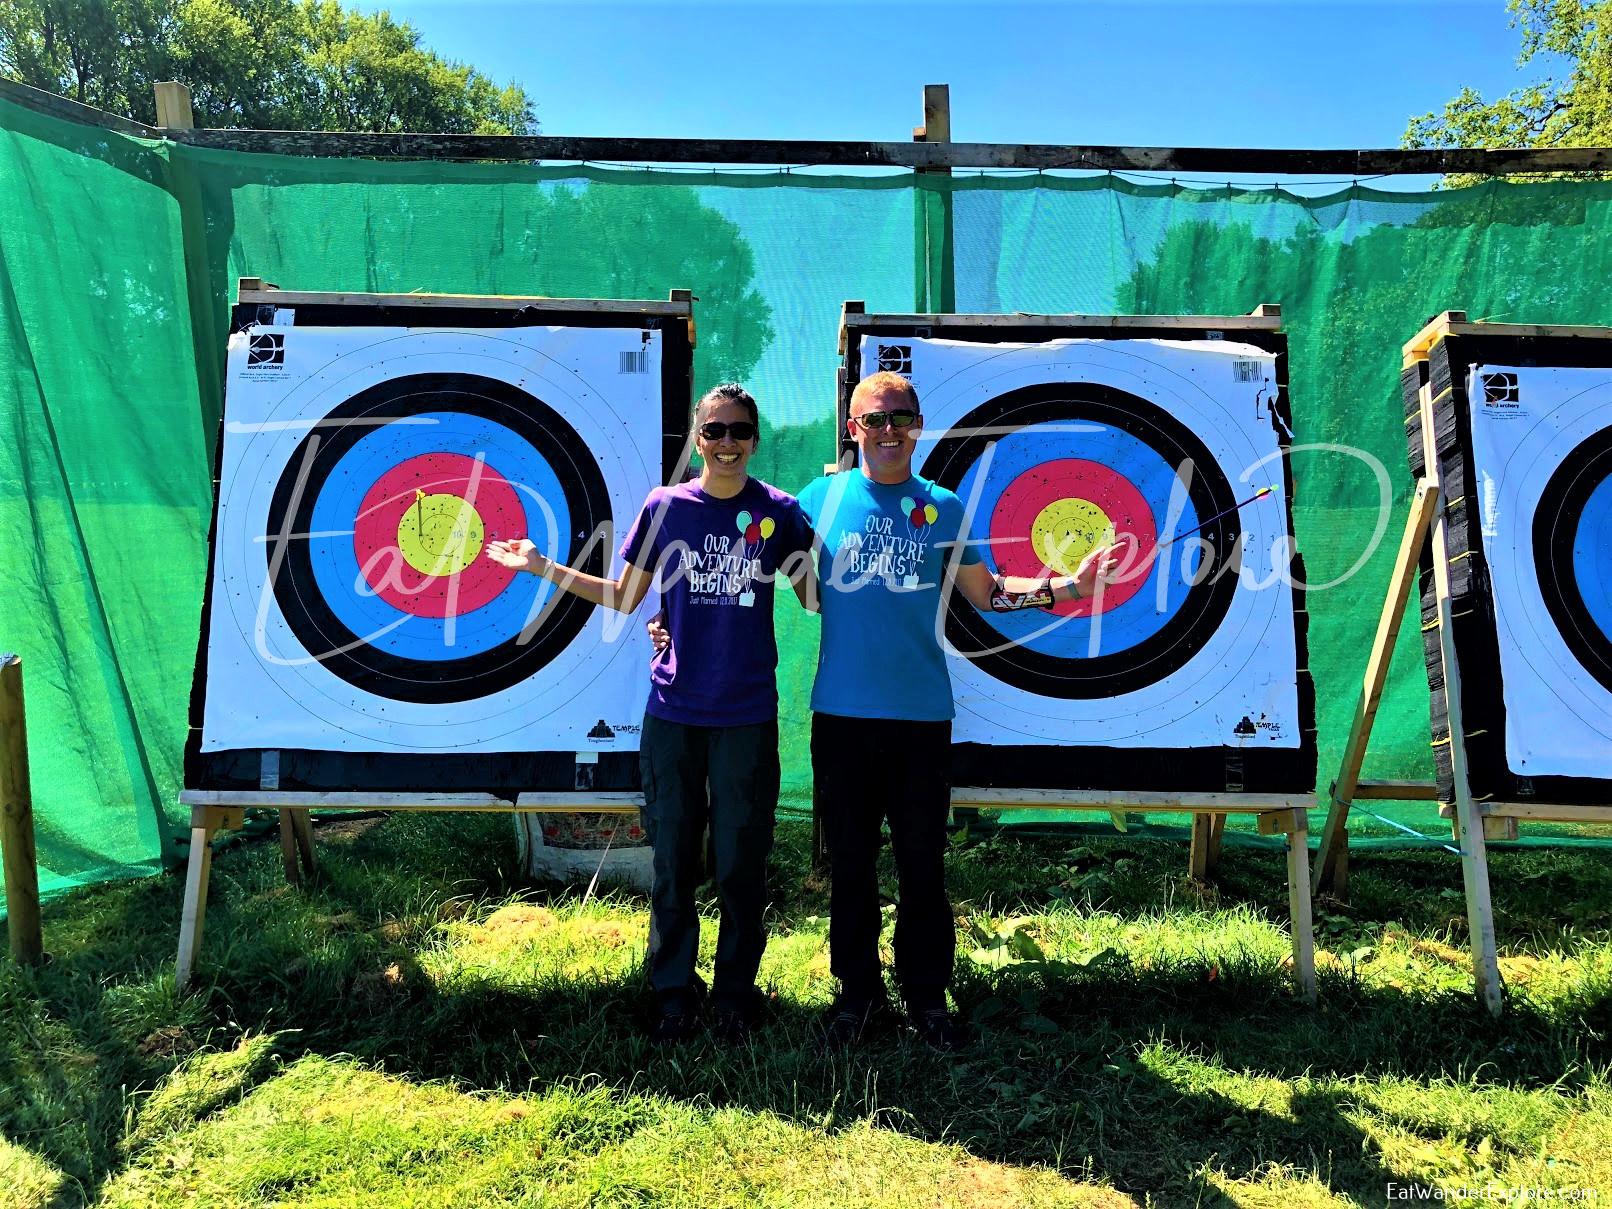 Bullseye target practice like Robin Hood in Nottingham